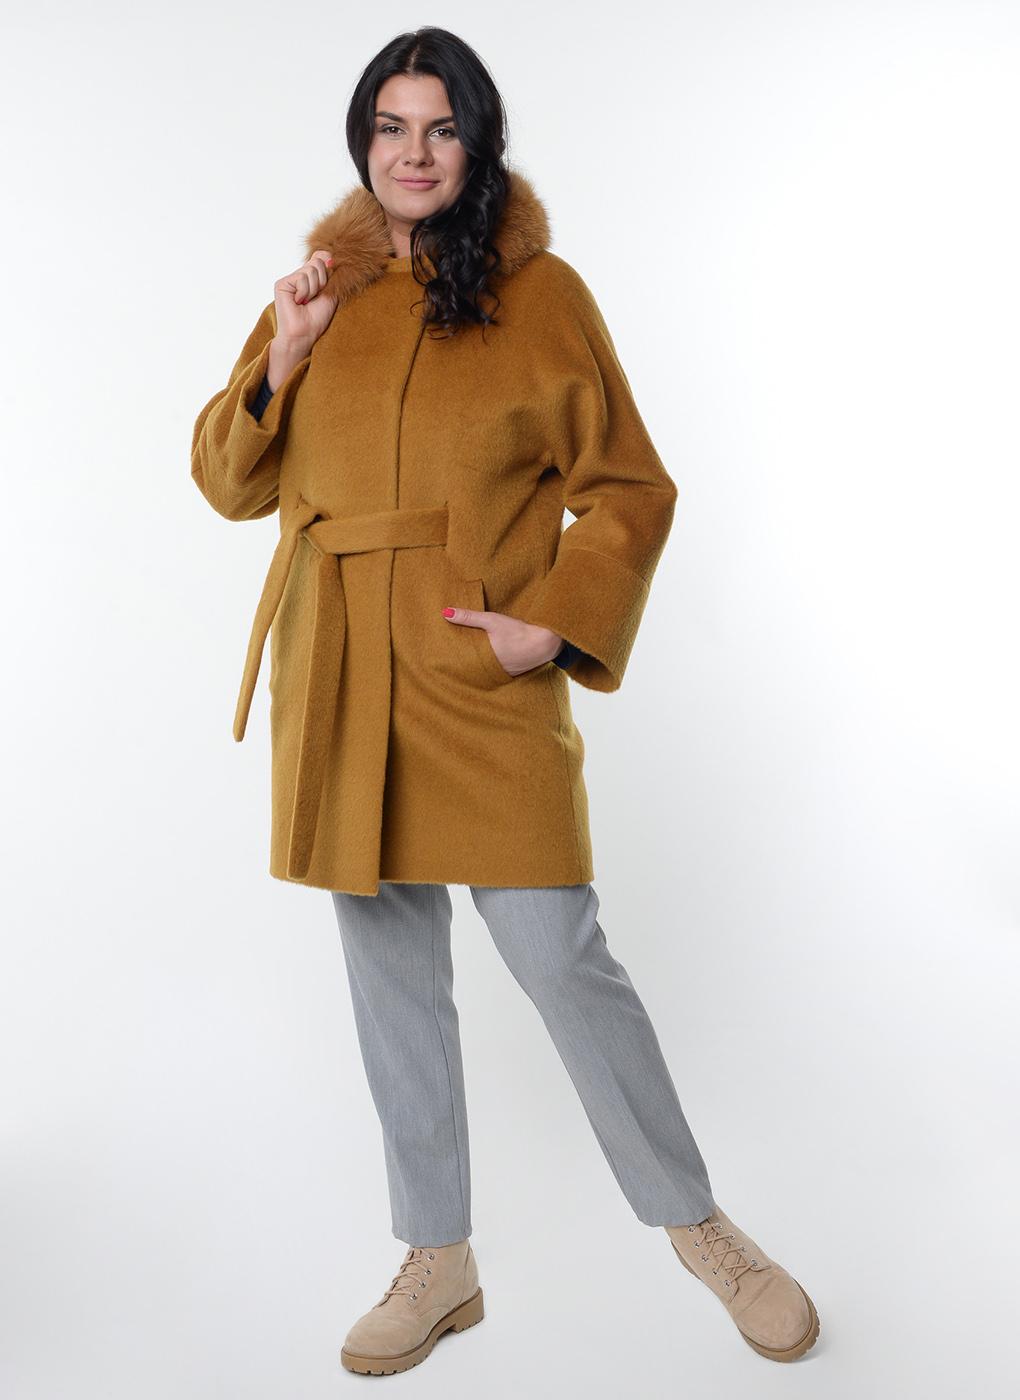 Пальто прямое чистошерстяное 55, Bella collection фото